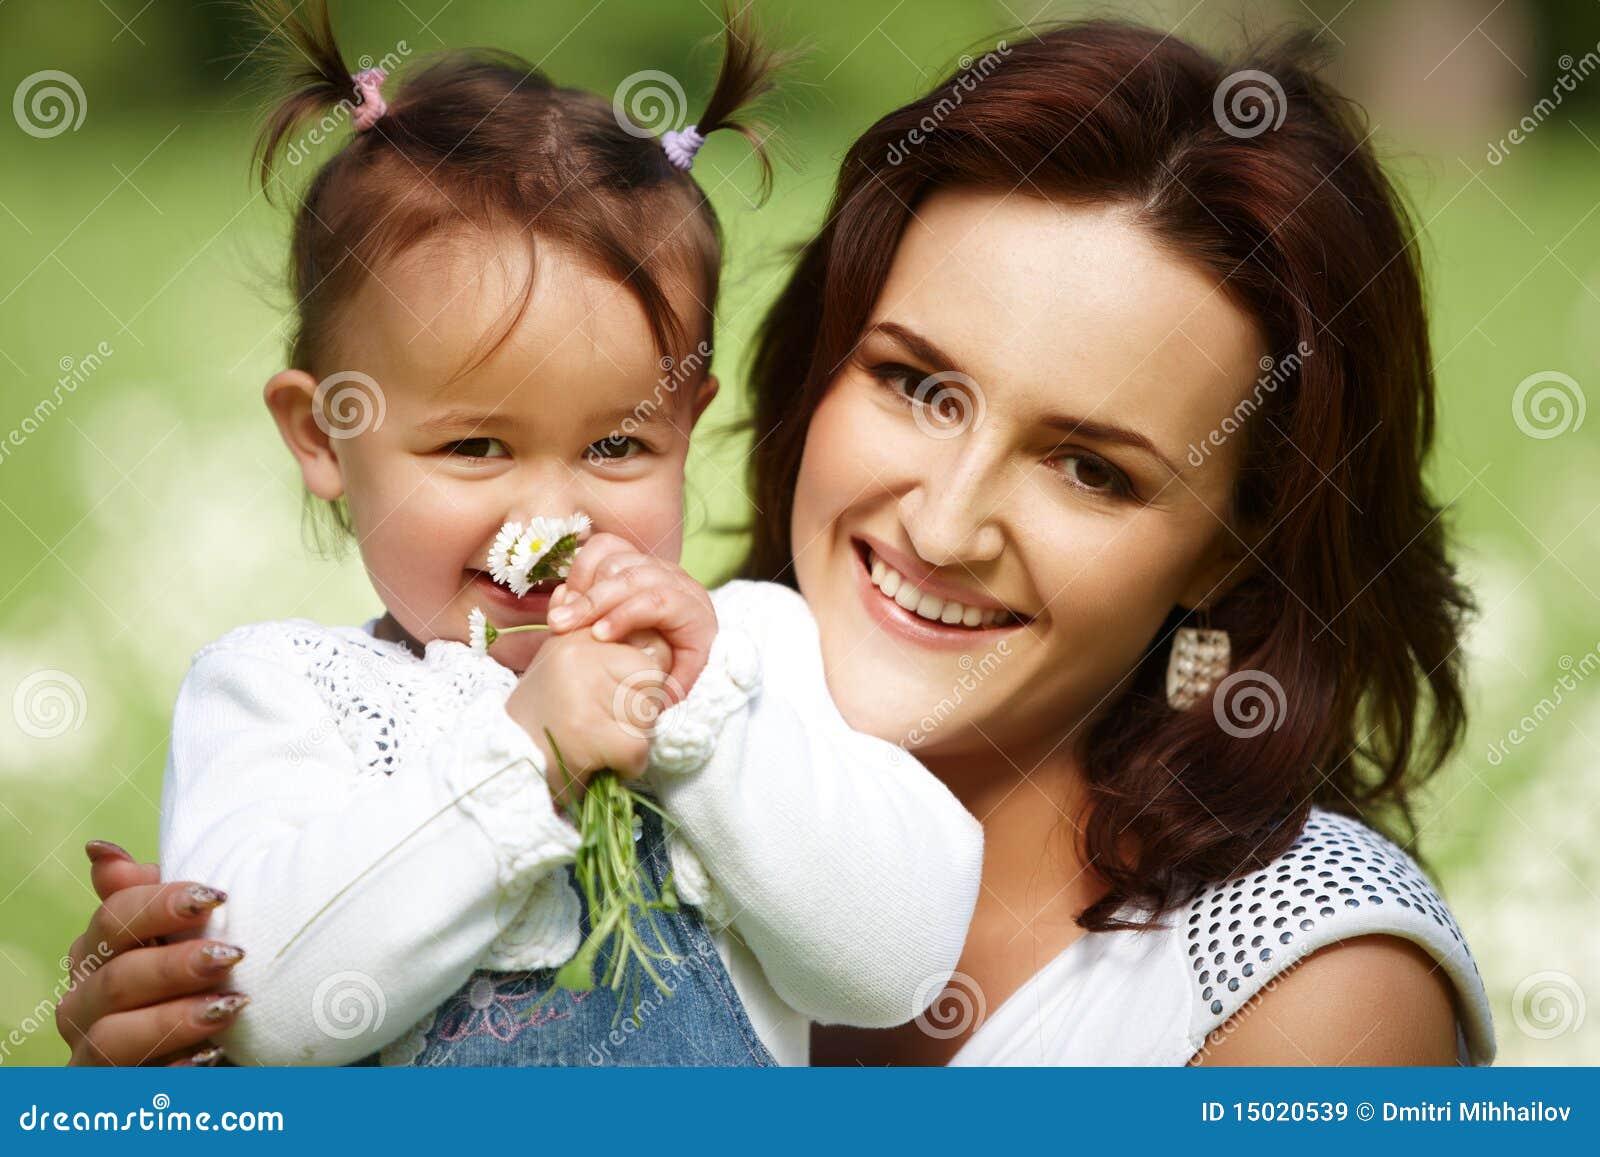 Самые красивые мамочки фото, голые мамочки в фото эротике - красивые мамки 26 фотография